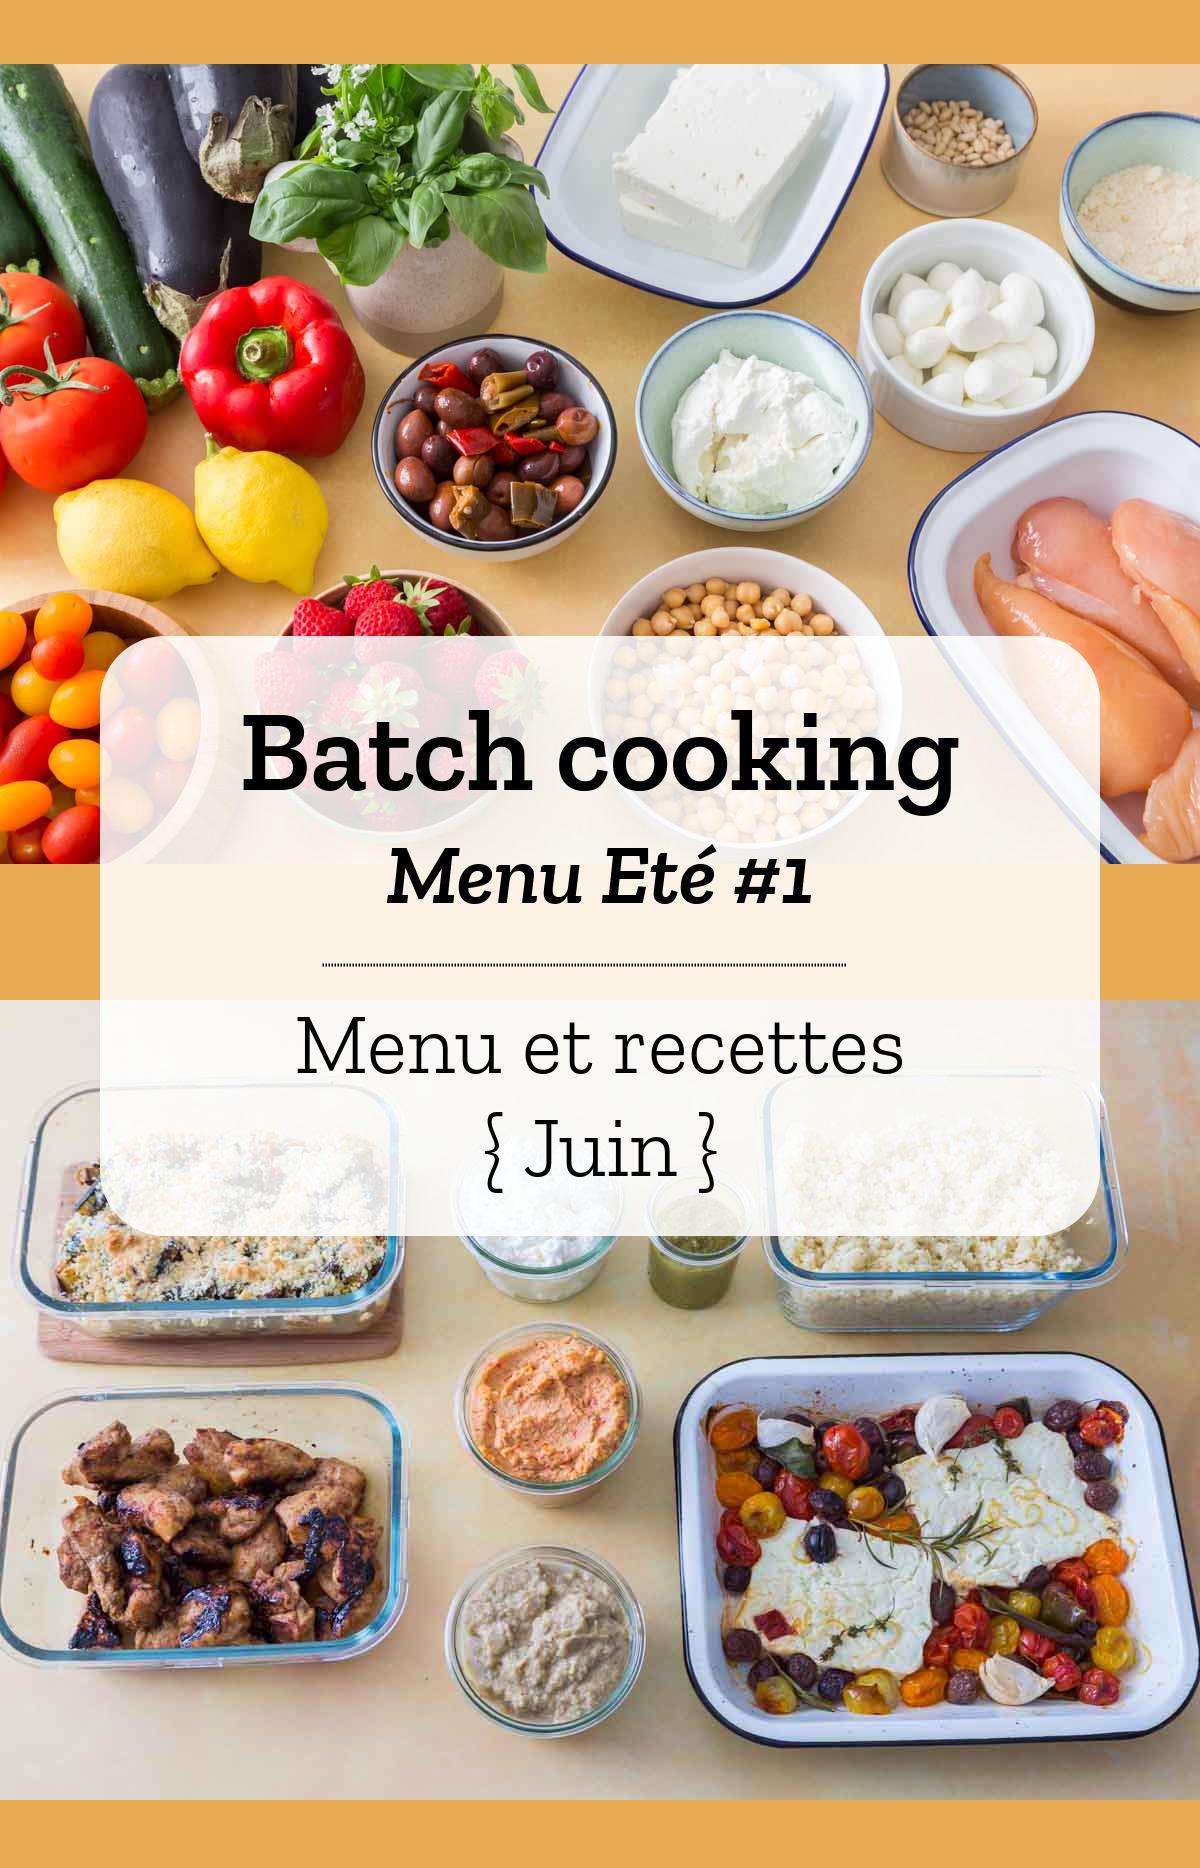 Batch cooking Eté #1 – Mois de Juin – Semaine 26